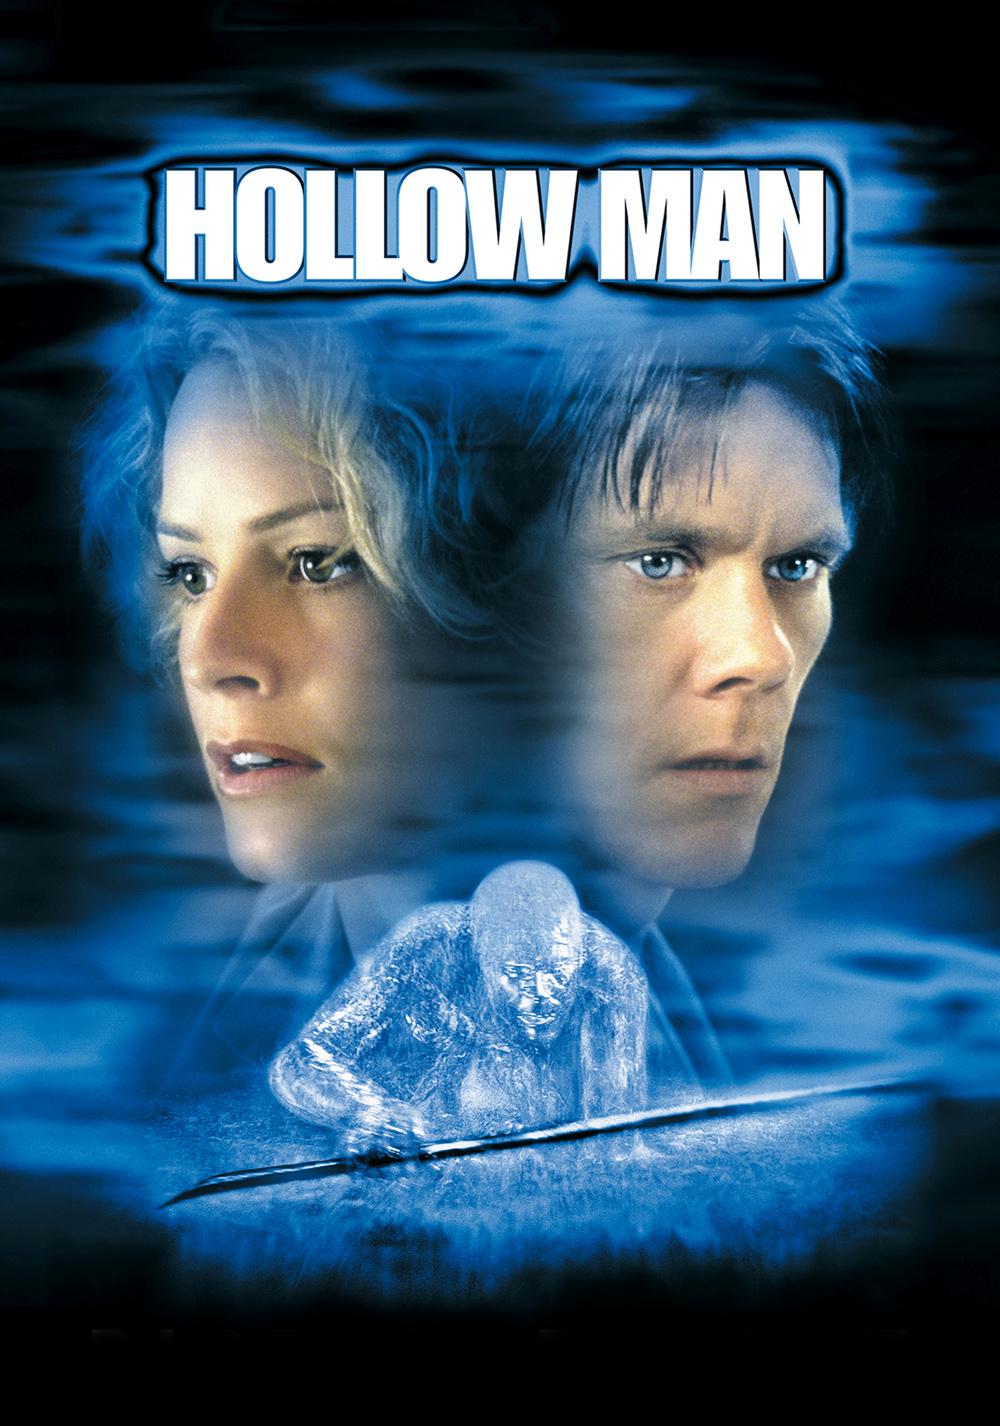 Movie the man 2